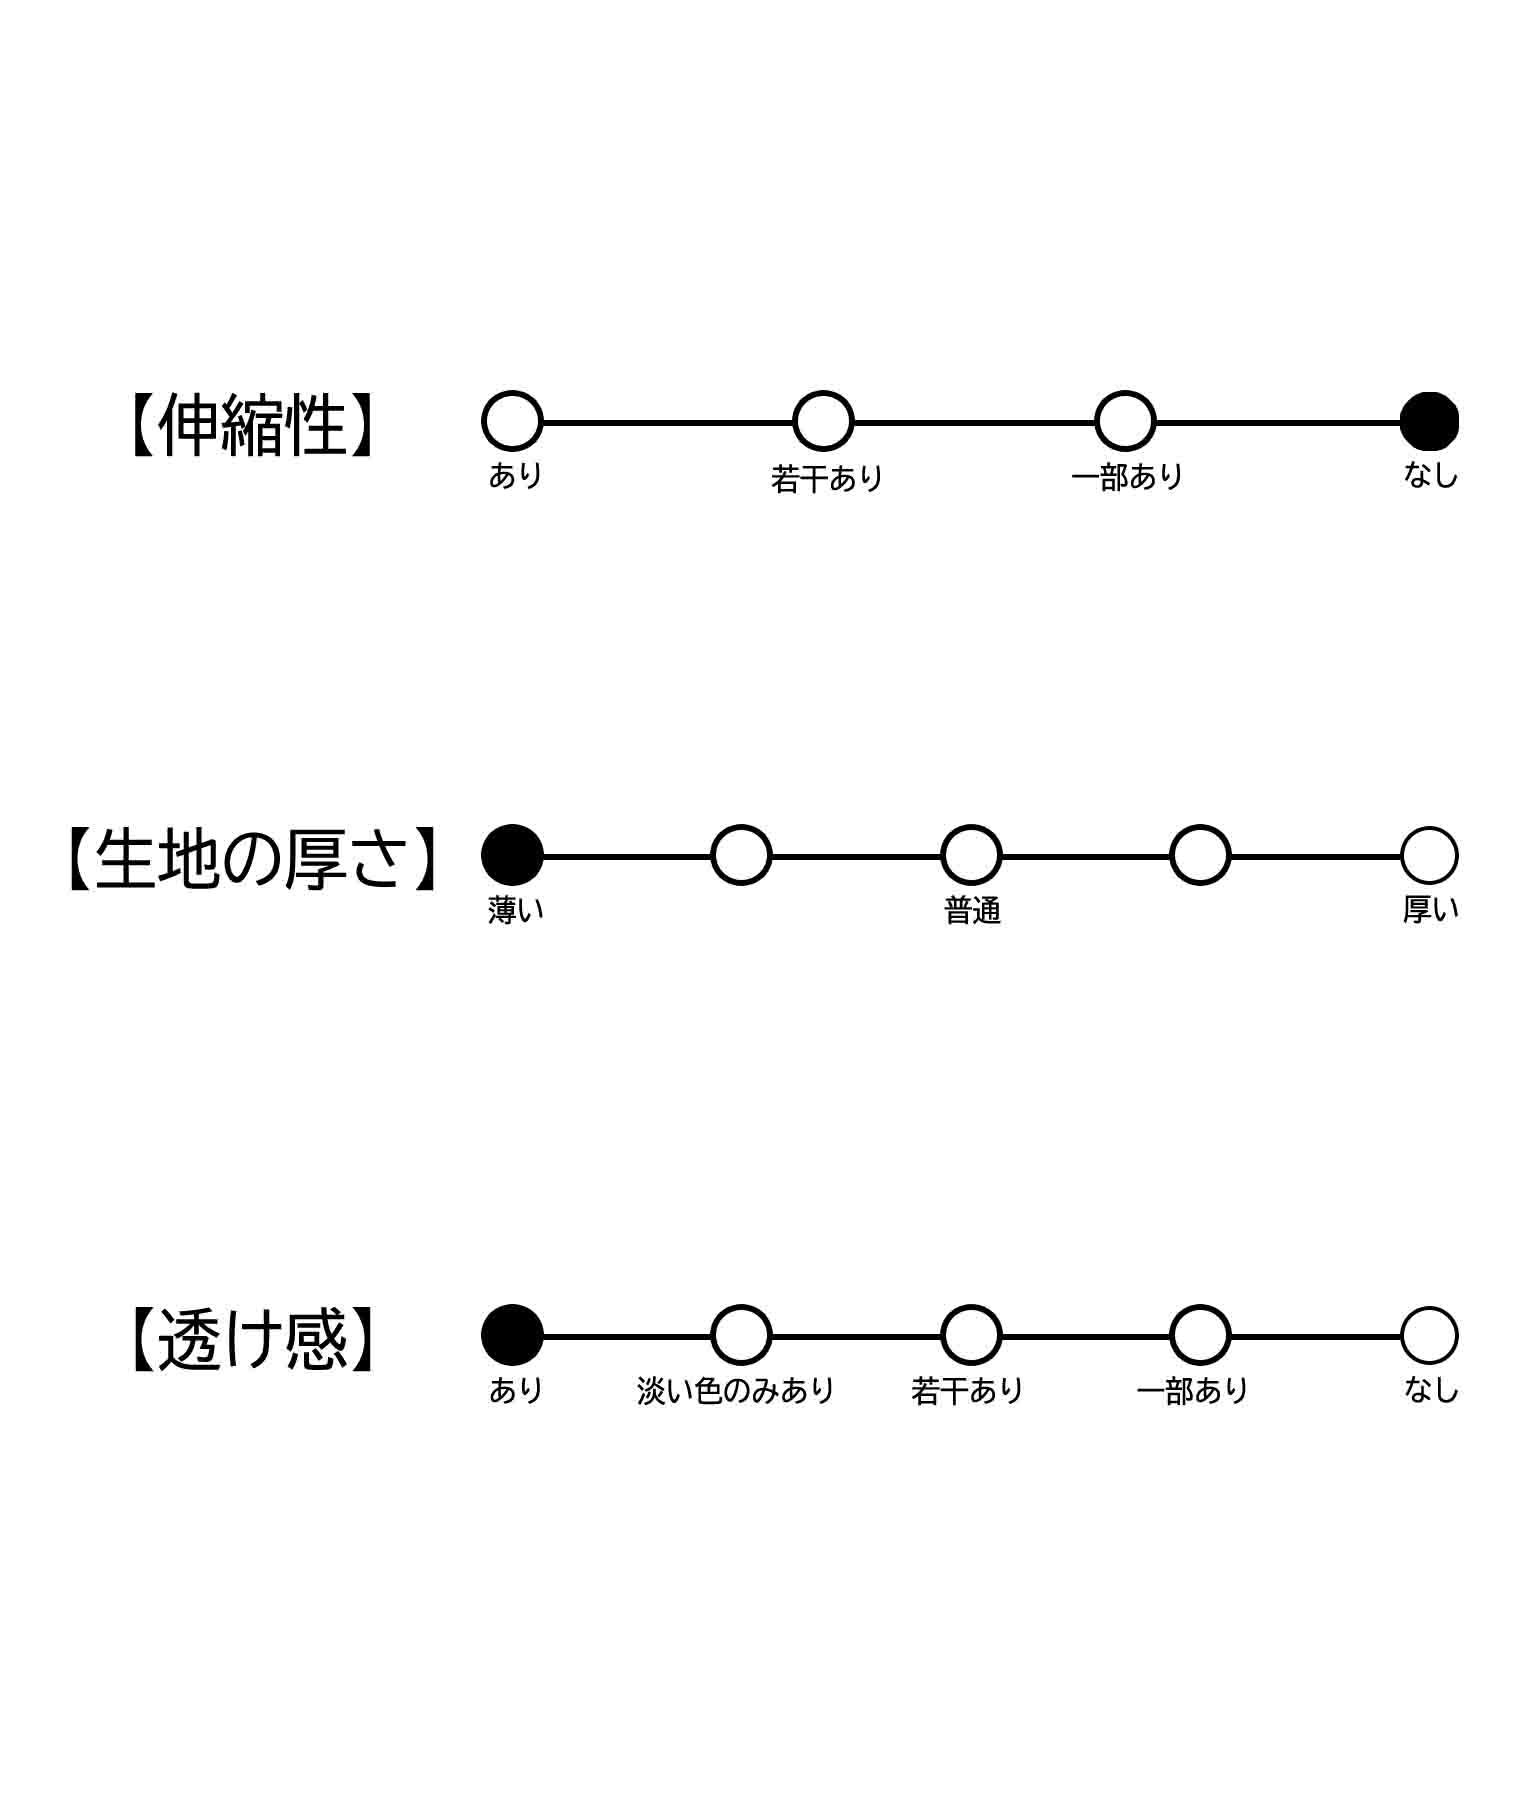 シースルー袖ボリュームバンドカラーシャツ(トップス/シャツ・ブラウス)   CHILLE